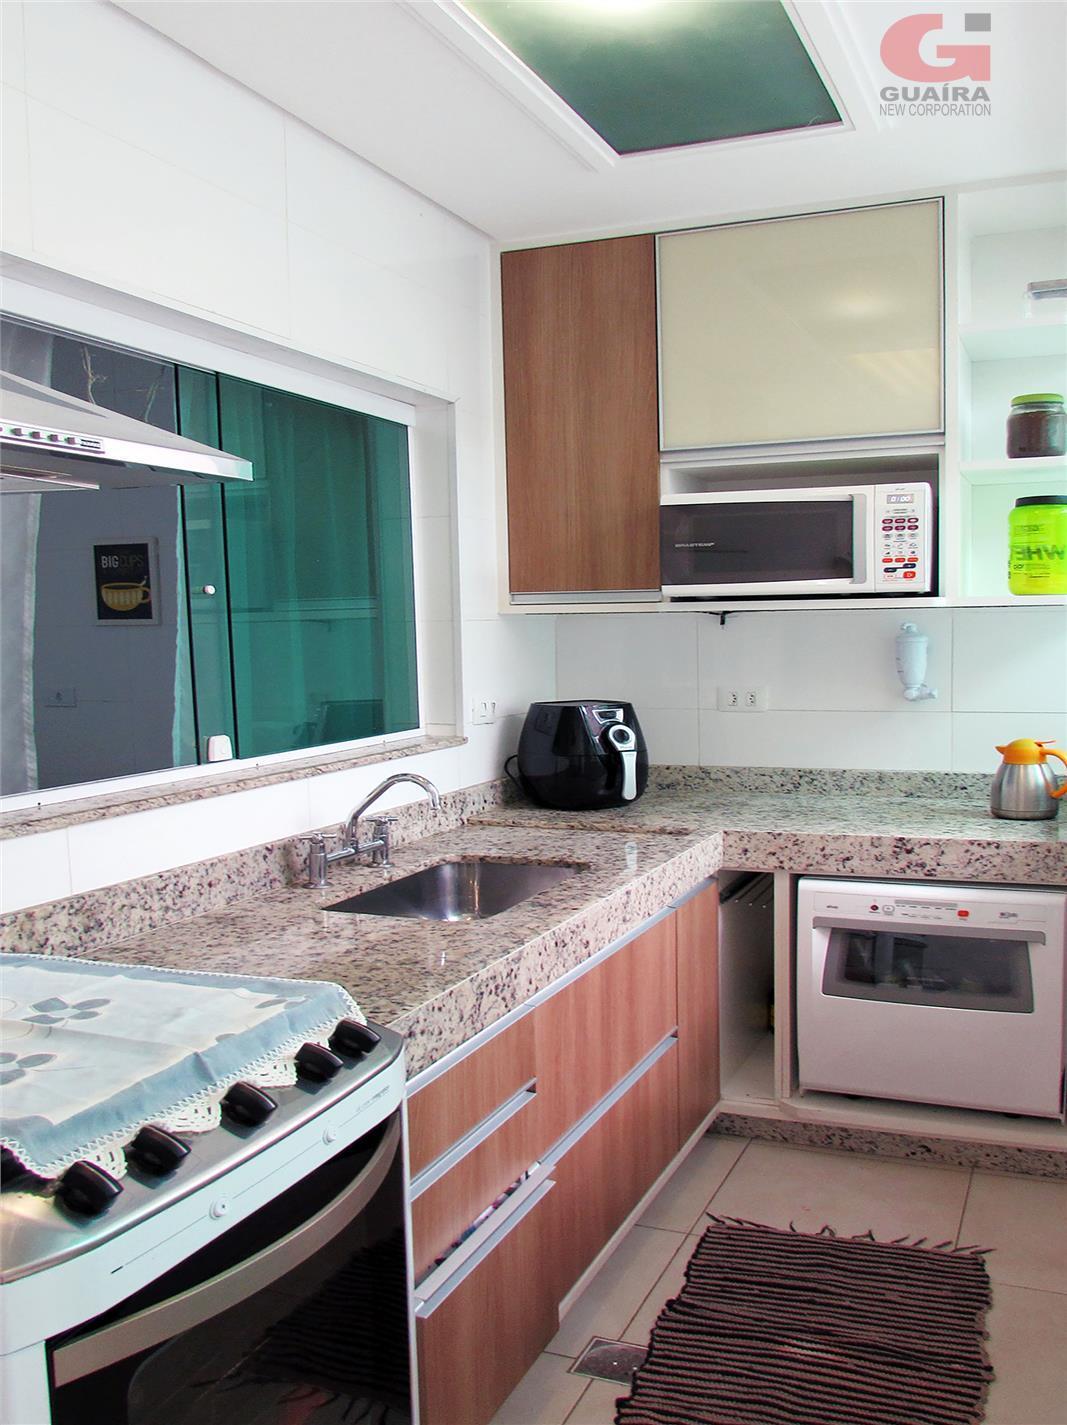 Sobrado de 4 dormitórios à venda em Paraíso, Santo André - SP